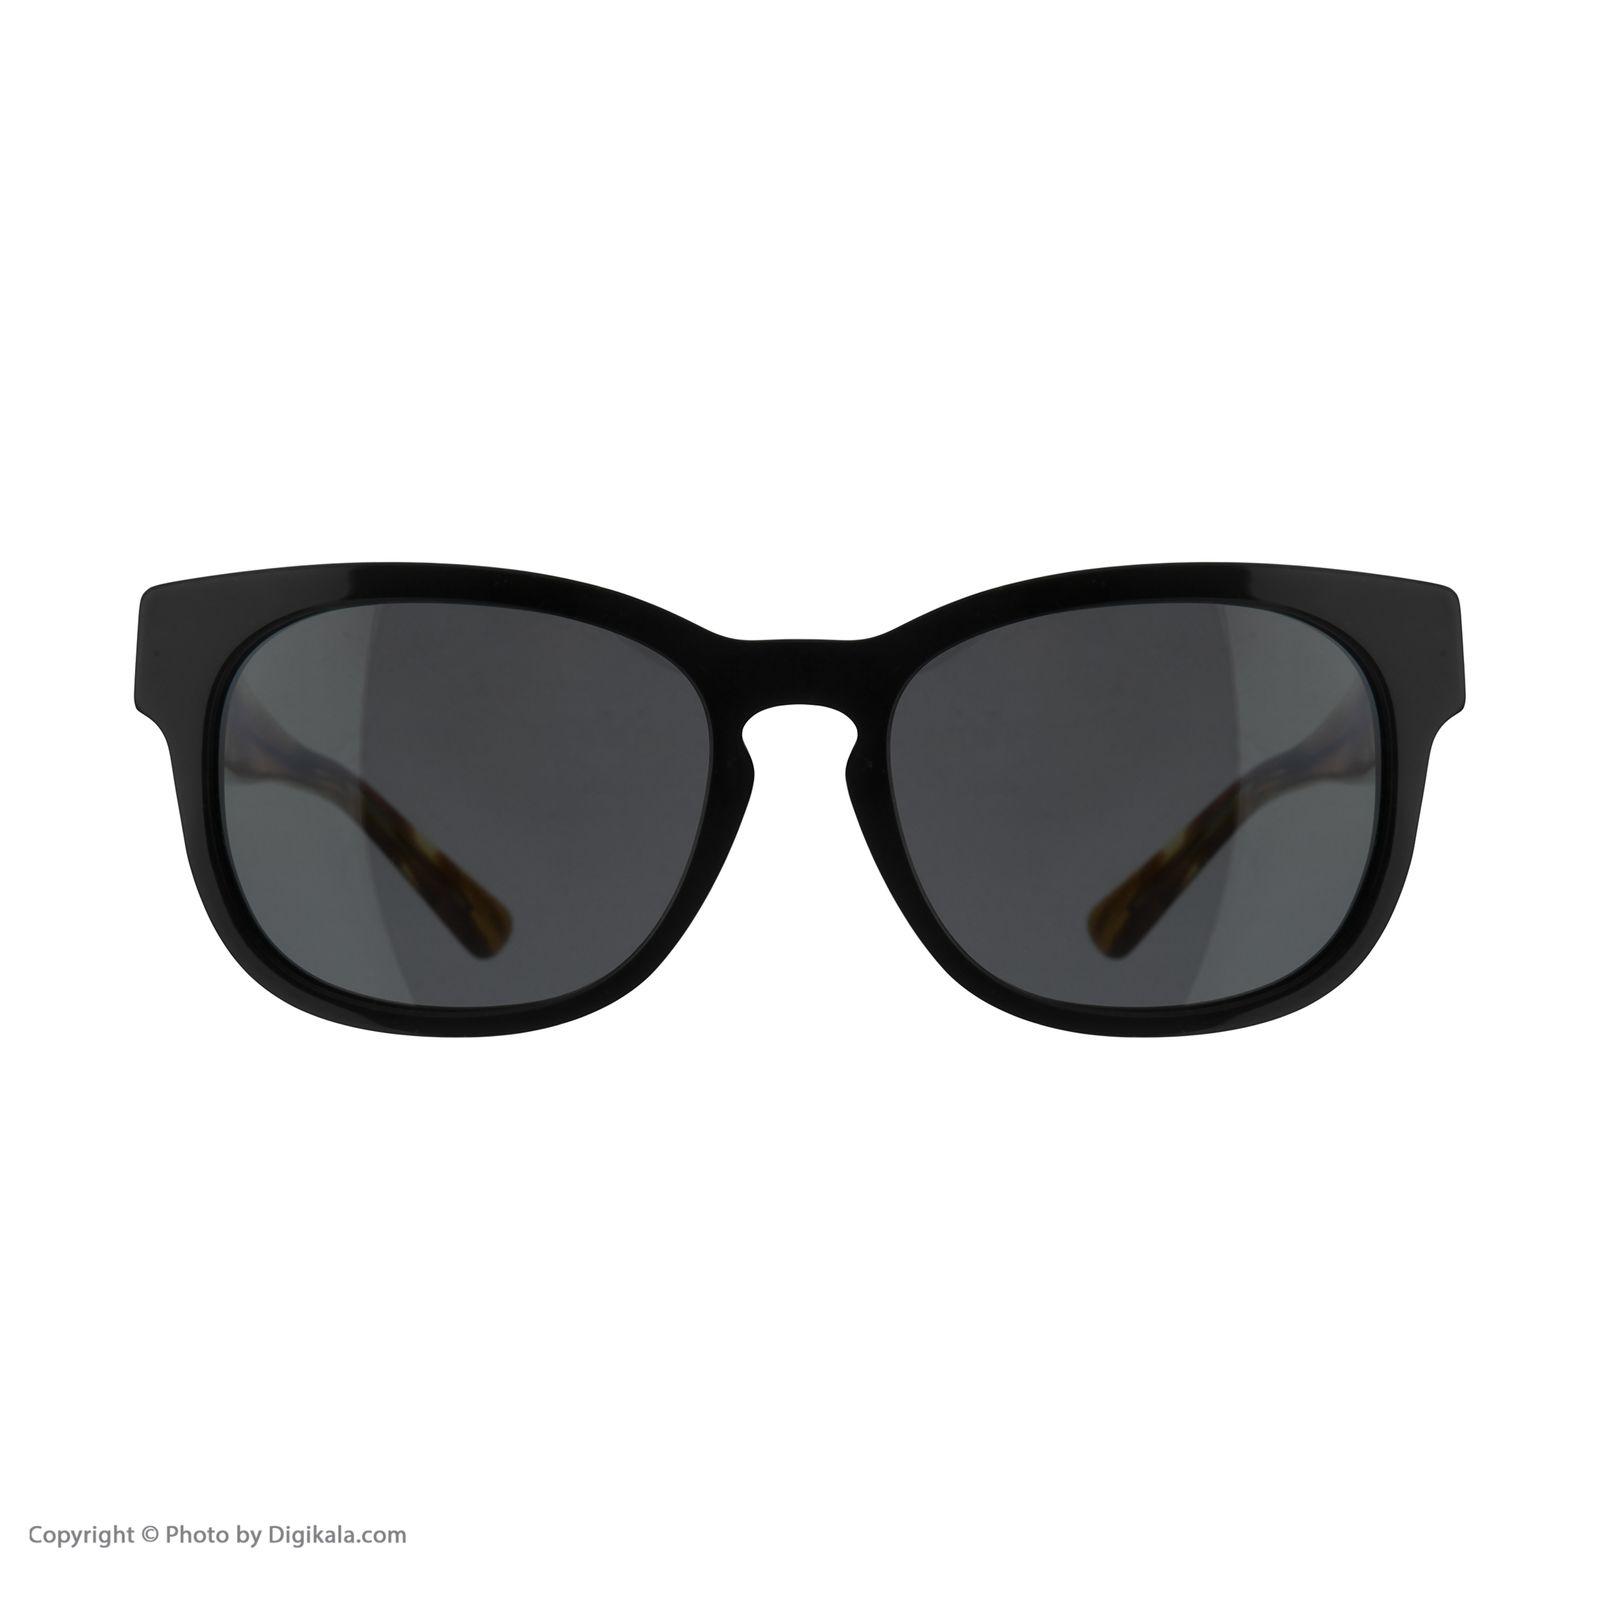 عینک آفتابی مردانه بربری مدل BE 4226S 360487 55 -  - 3